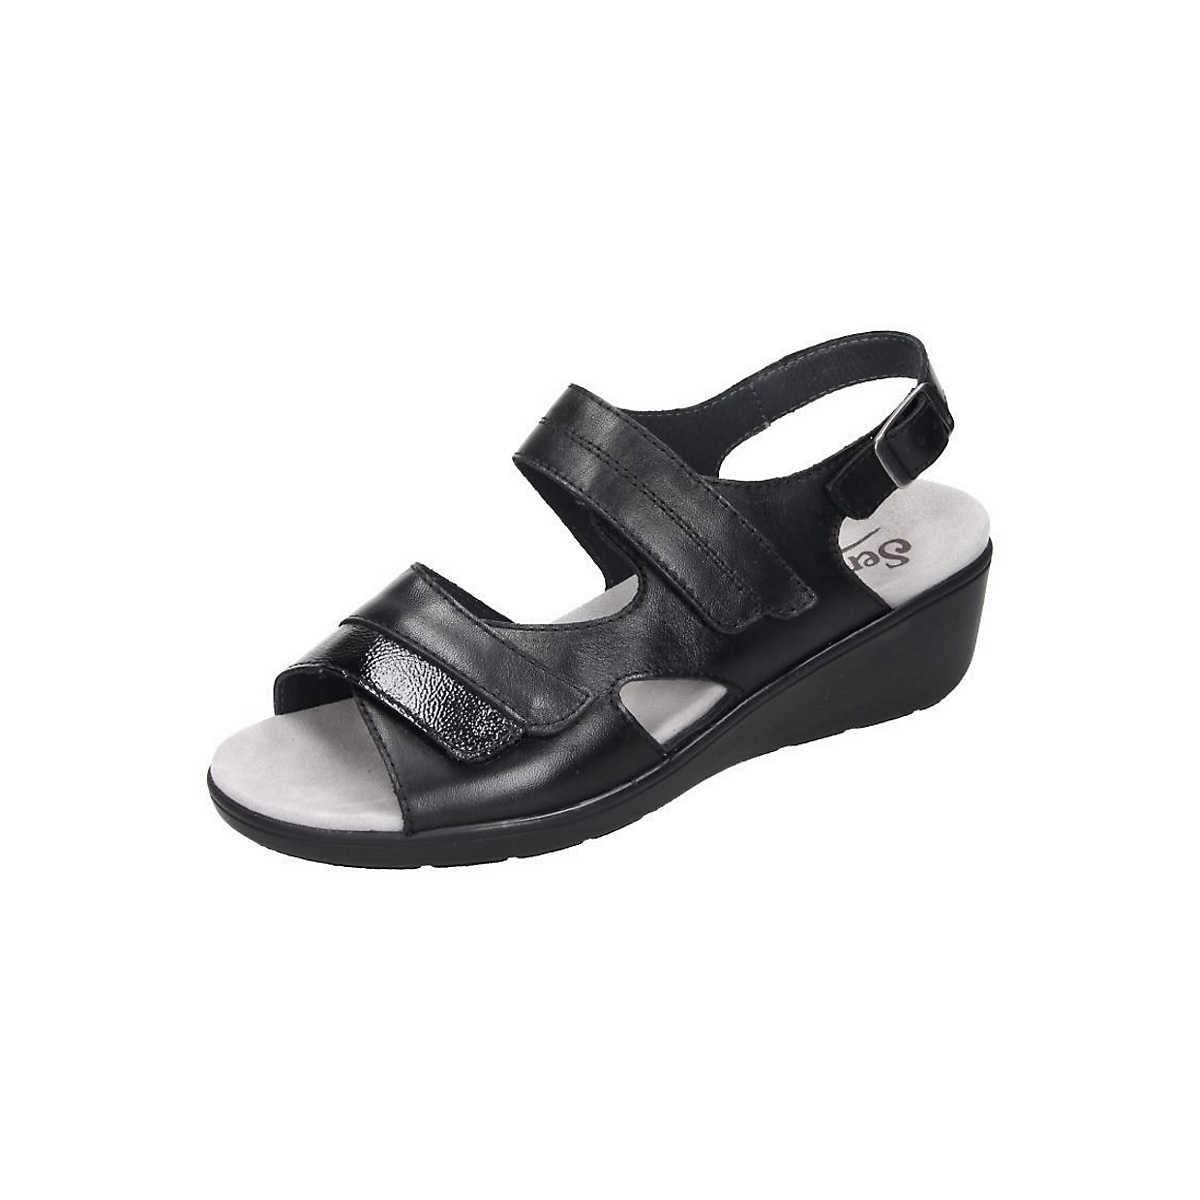 Semler Sandalen schwarz - Semler - Sandalen - Schuhe - mirapodo.de